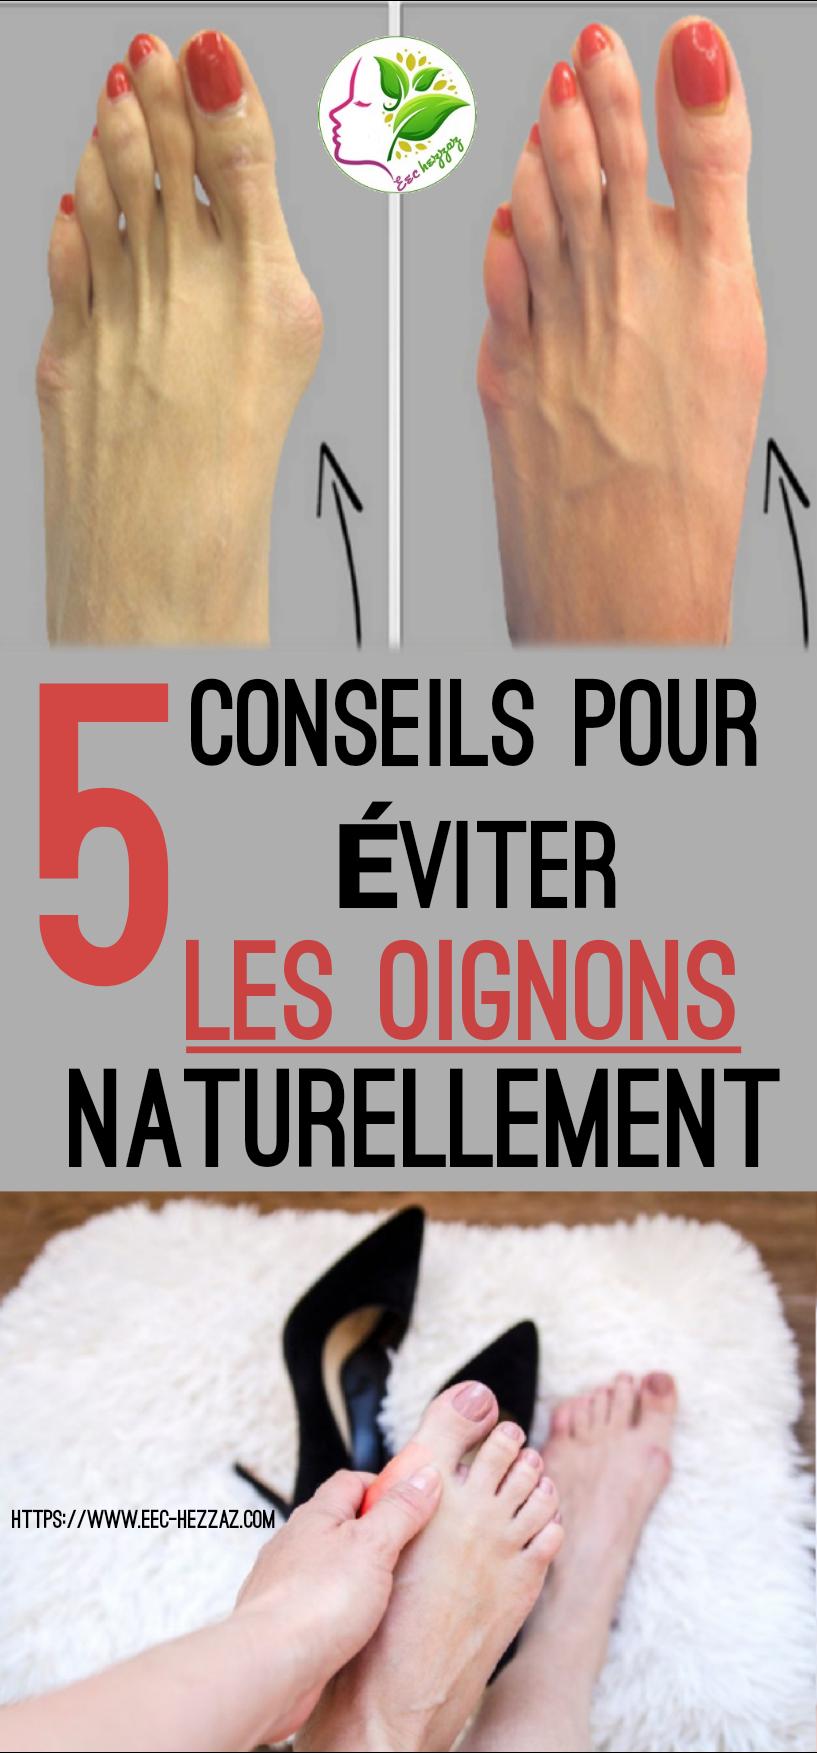 5 conseils pour éviter les oignons naturellement